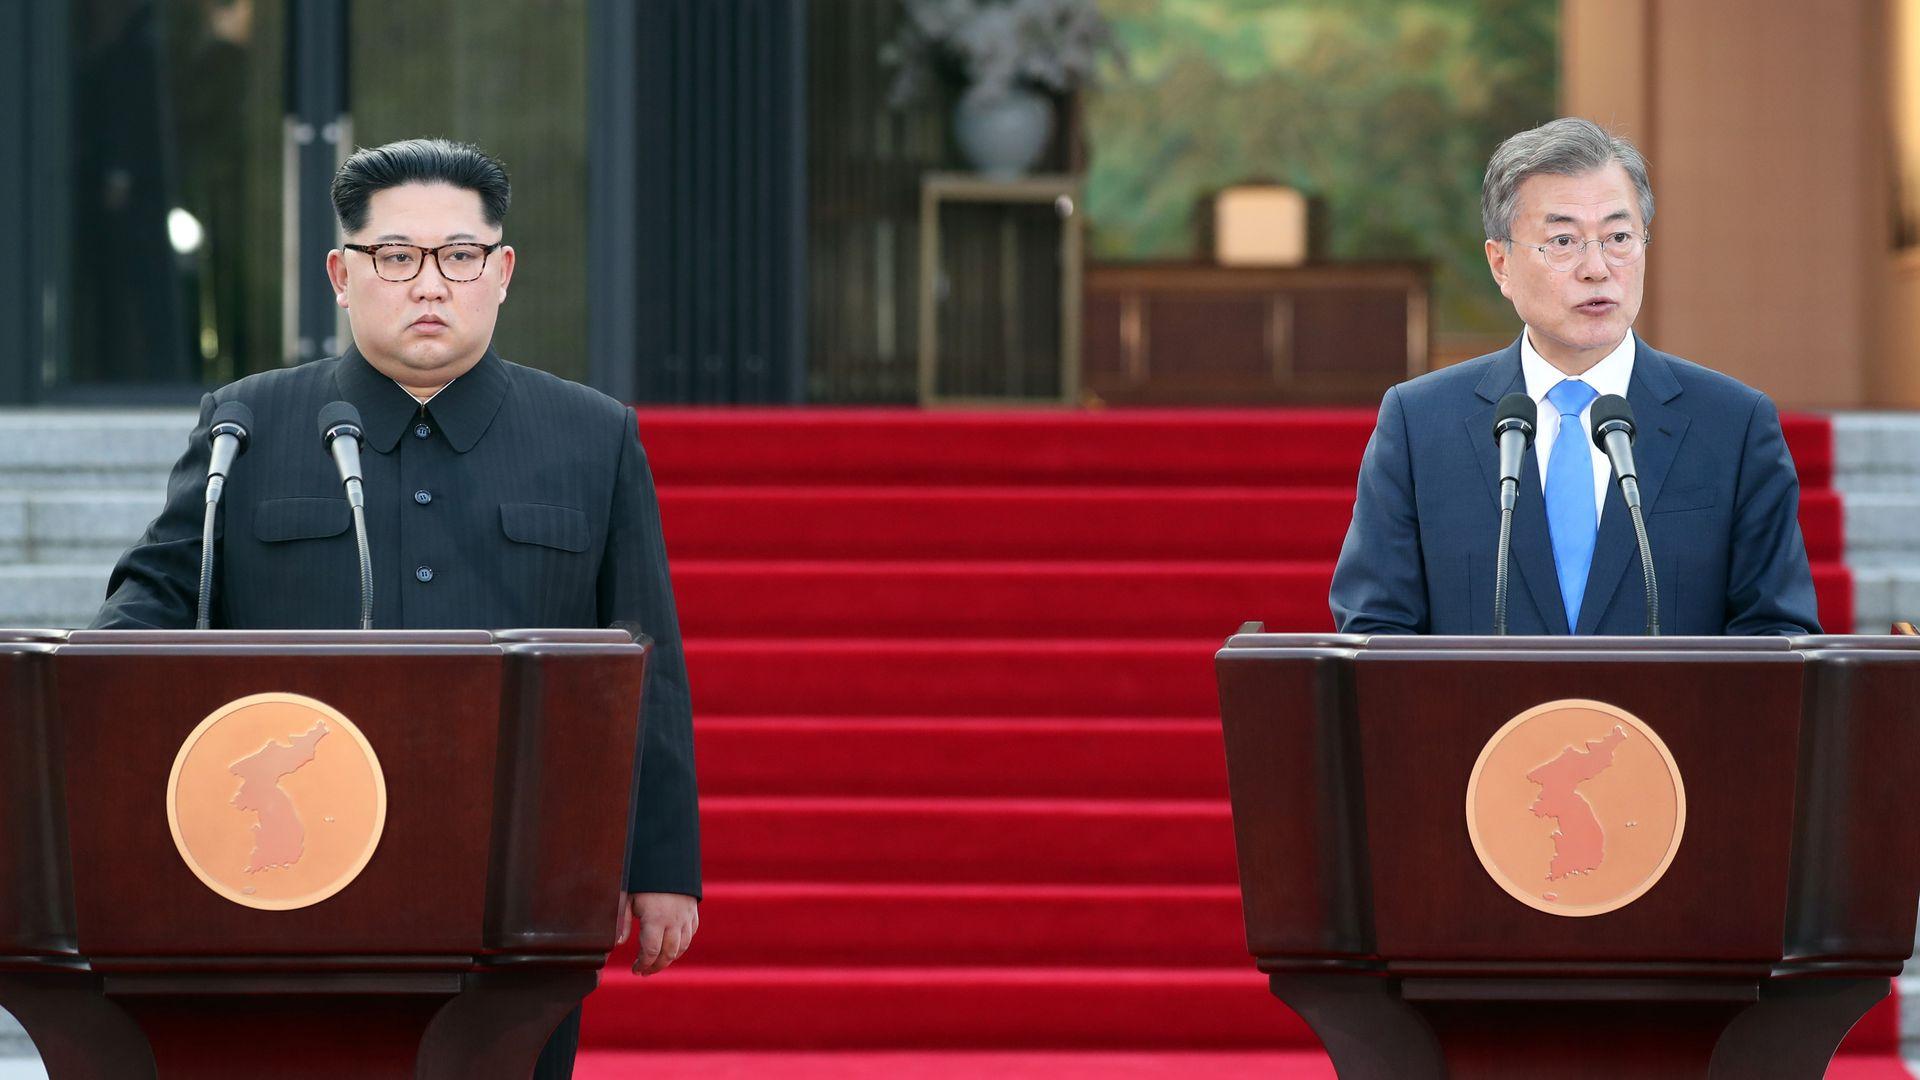 Kim Jong-un and Moon Jae-in look bored.